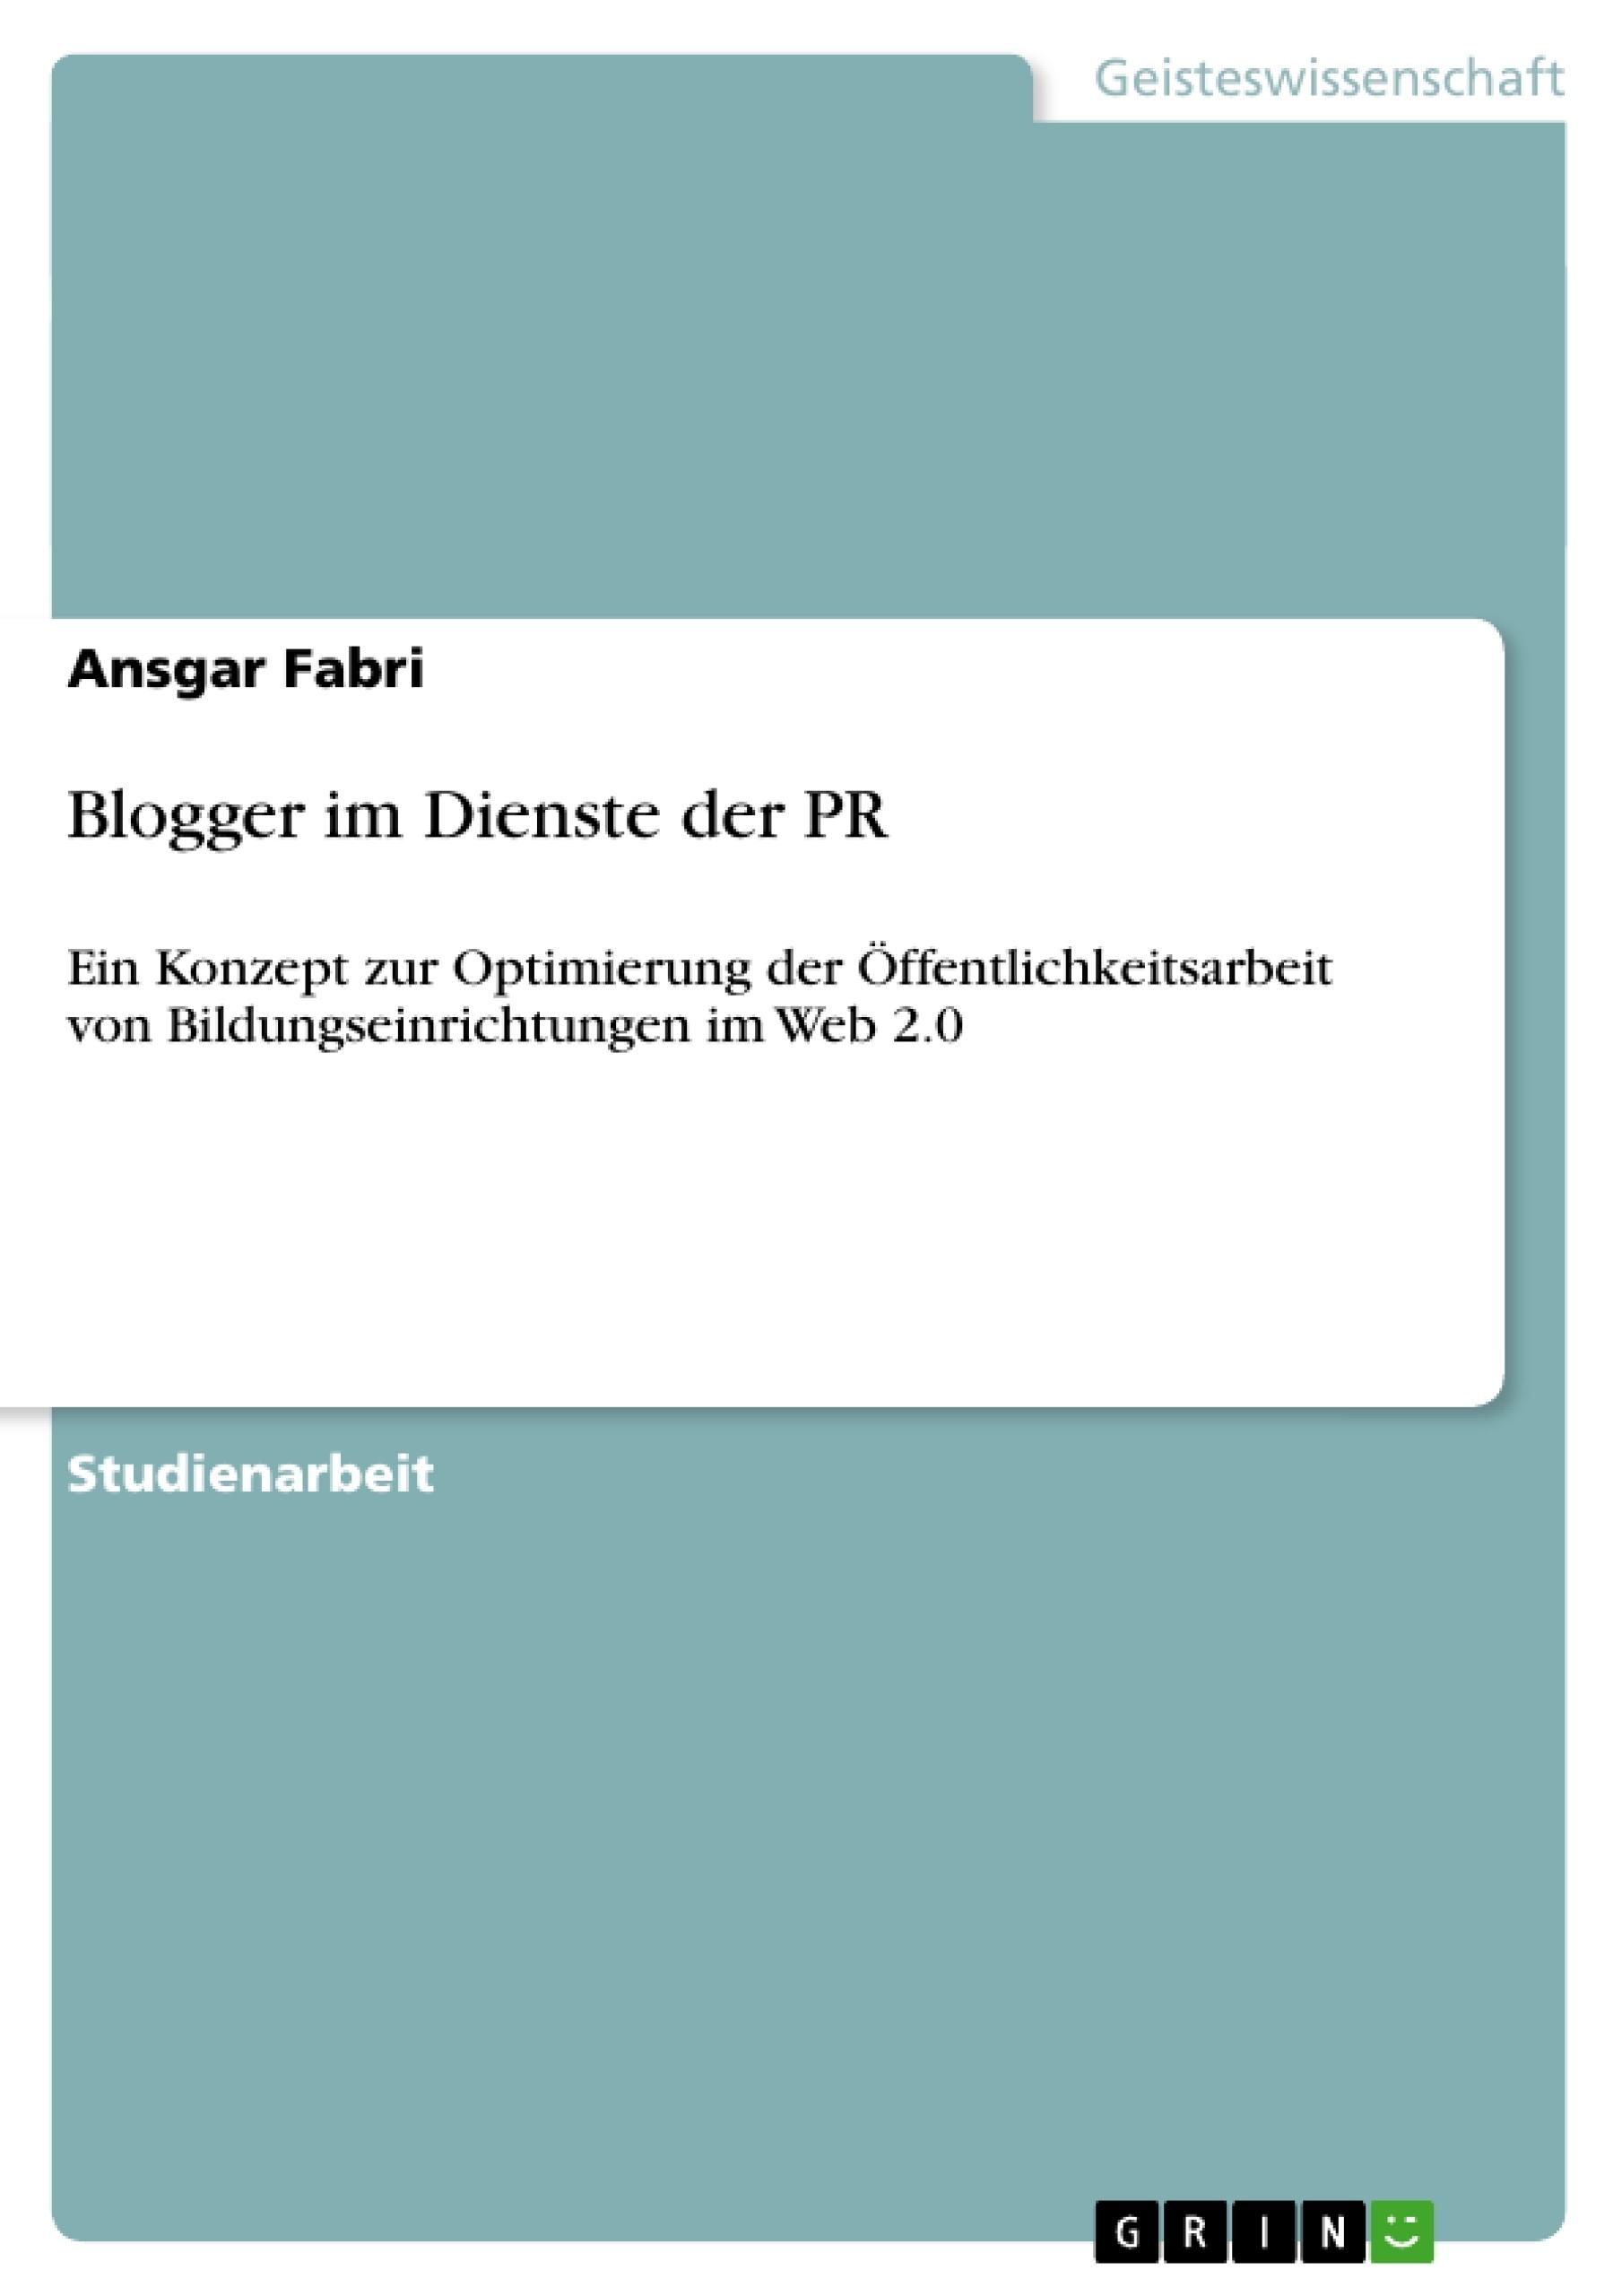 Titel: Blogger im Dienste der PR